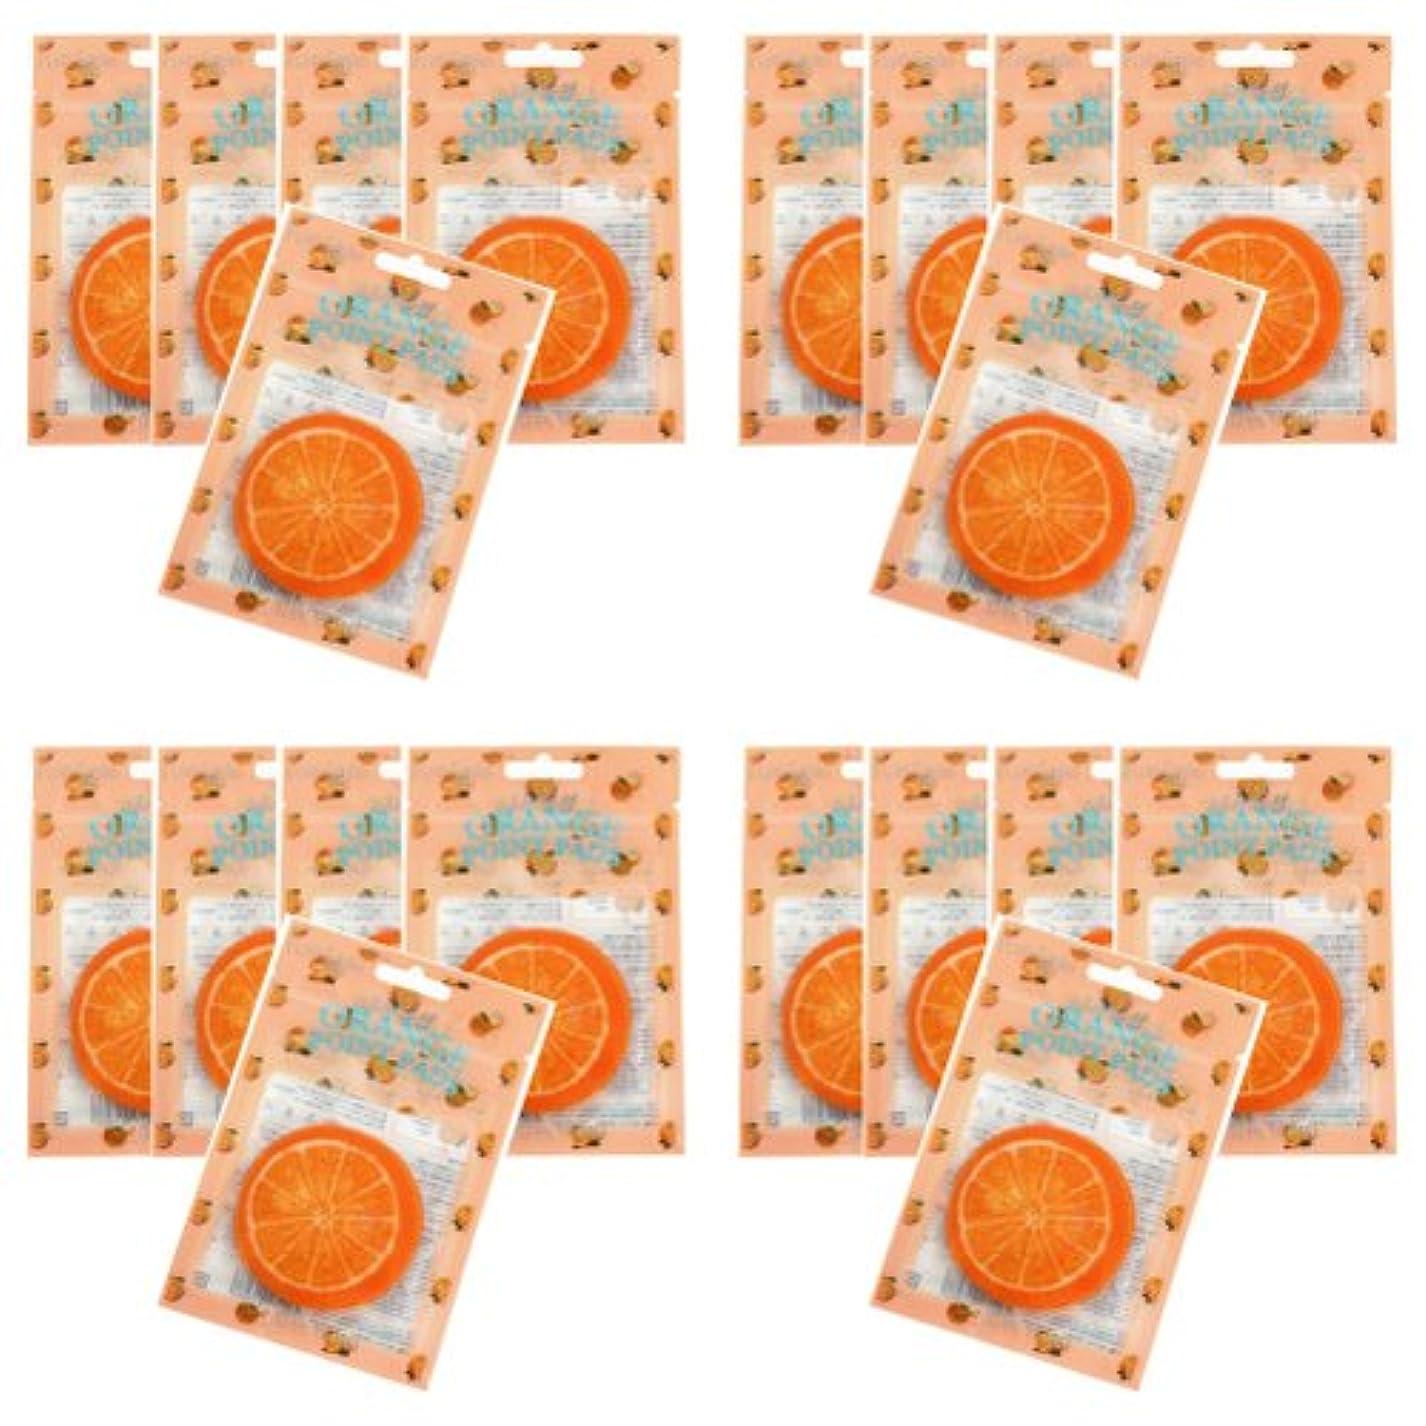 吹きさらし死傷者当社ピュアスマイル ジューシーポイントパッド オレンジ20パックセット(1パック10枚入 合計200枚)